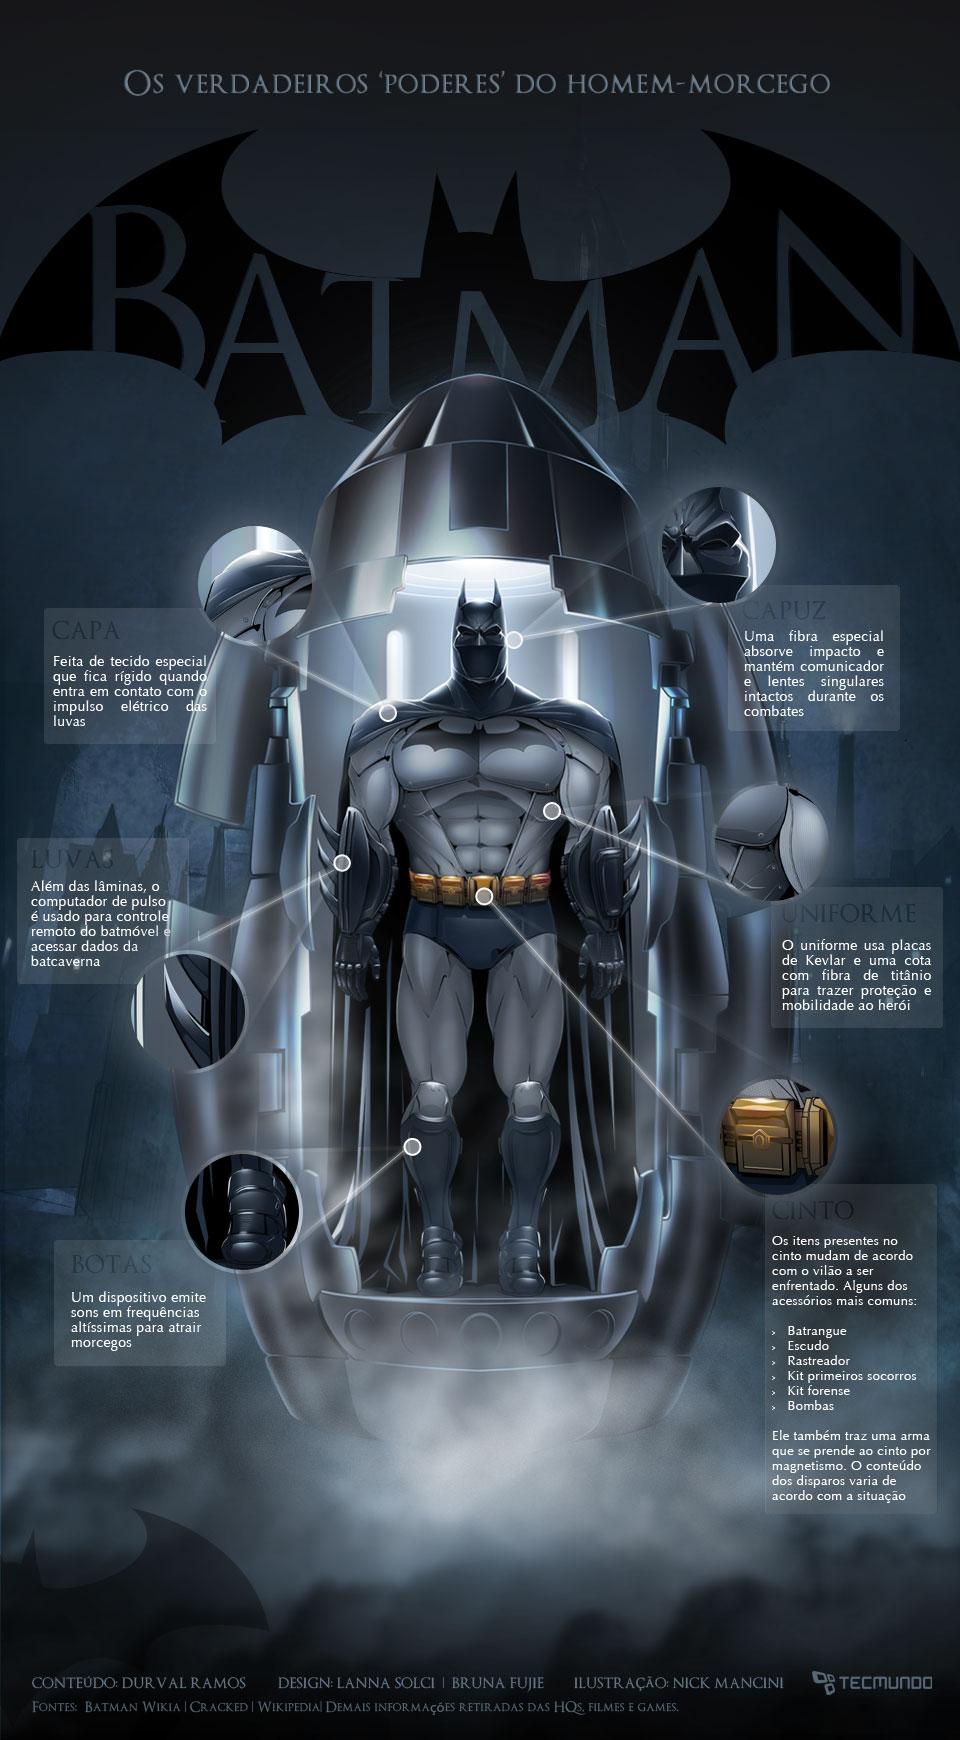 Conheça os verdadeiros poderes do Homem-Morcego